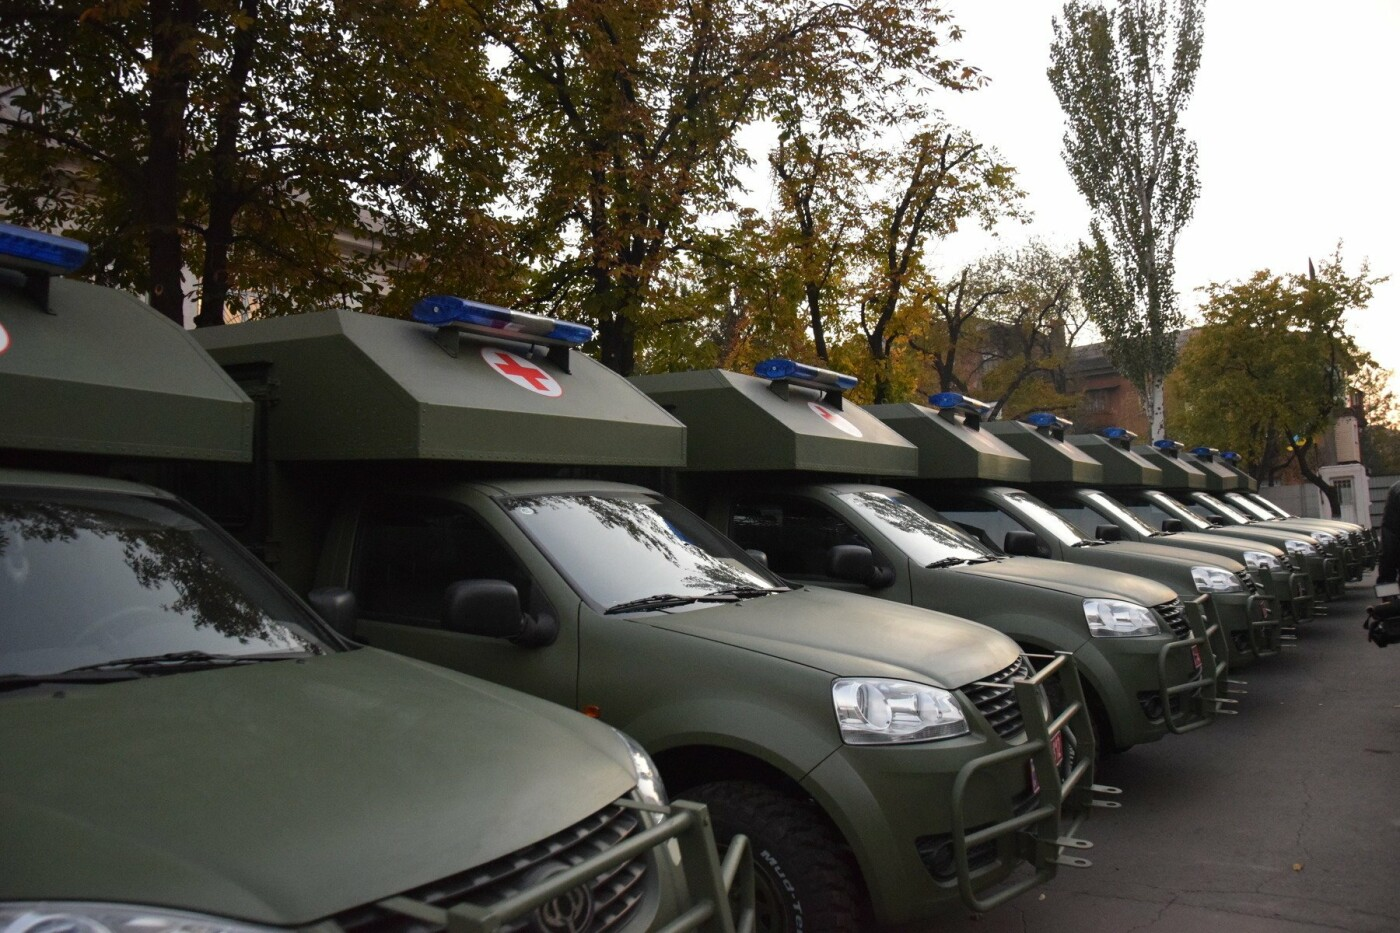 Порошенко подарил военным медикам в Мариуполе 20 современных санитарных автомобилей, - ФОТО, ВИДЕО, фото-2